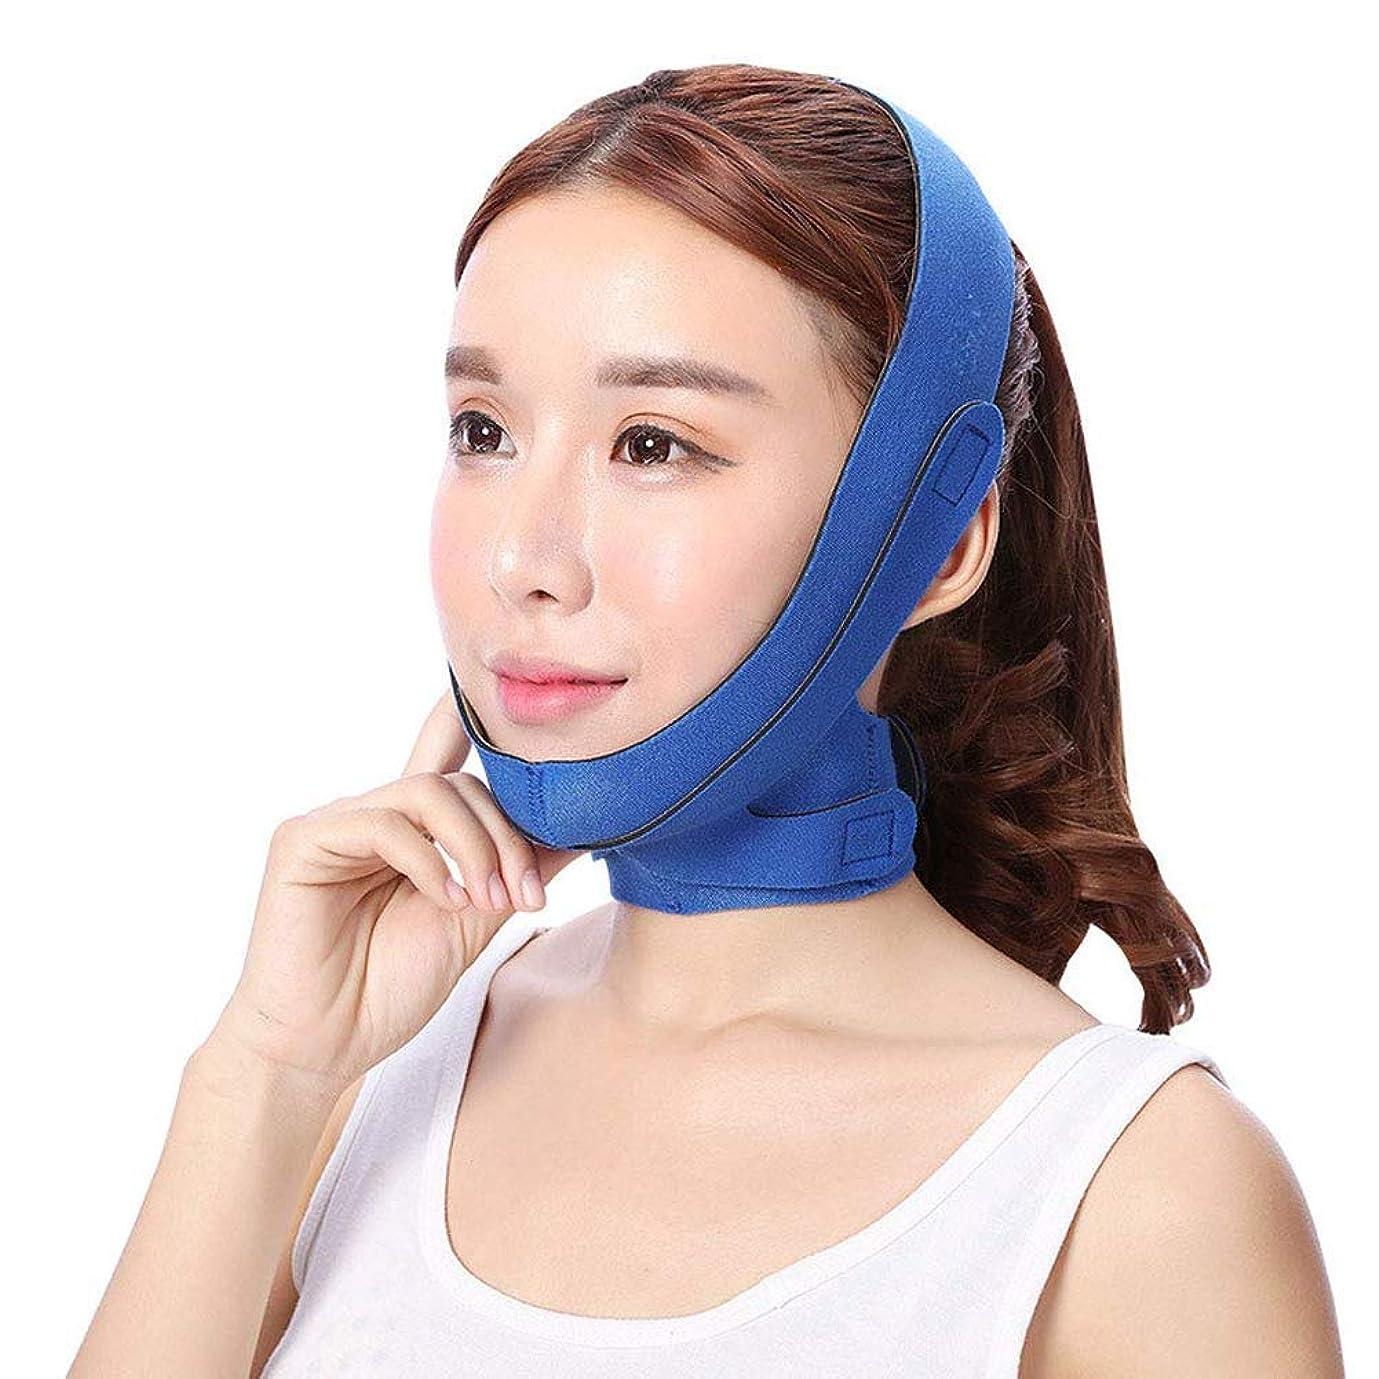 パンフレットにんじん失うフェイスリフティング包帯、薄いフェイスマスクVベルト/痩身包帯あご口腔マスク赤面